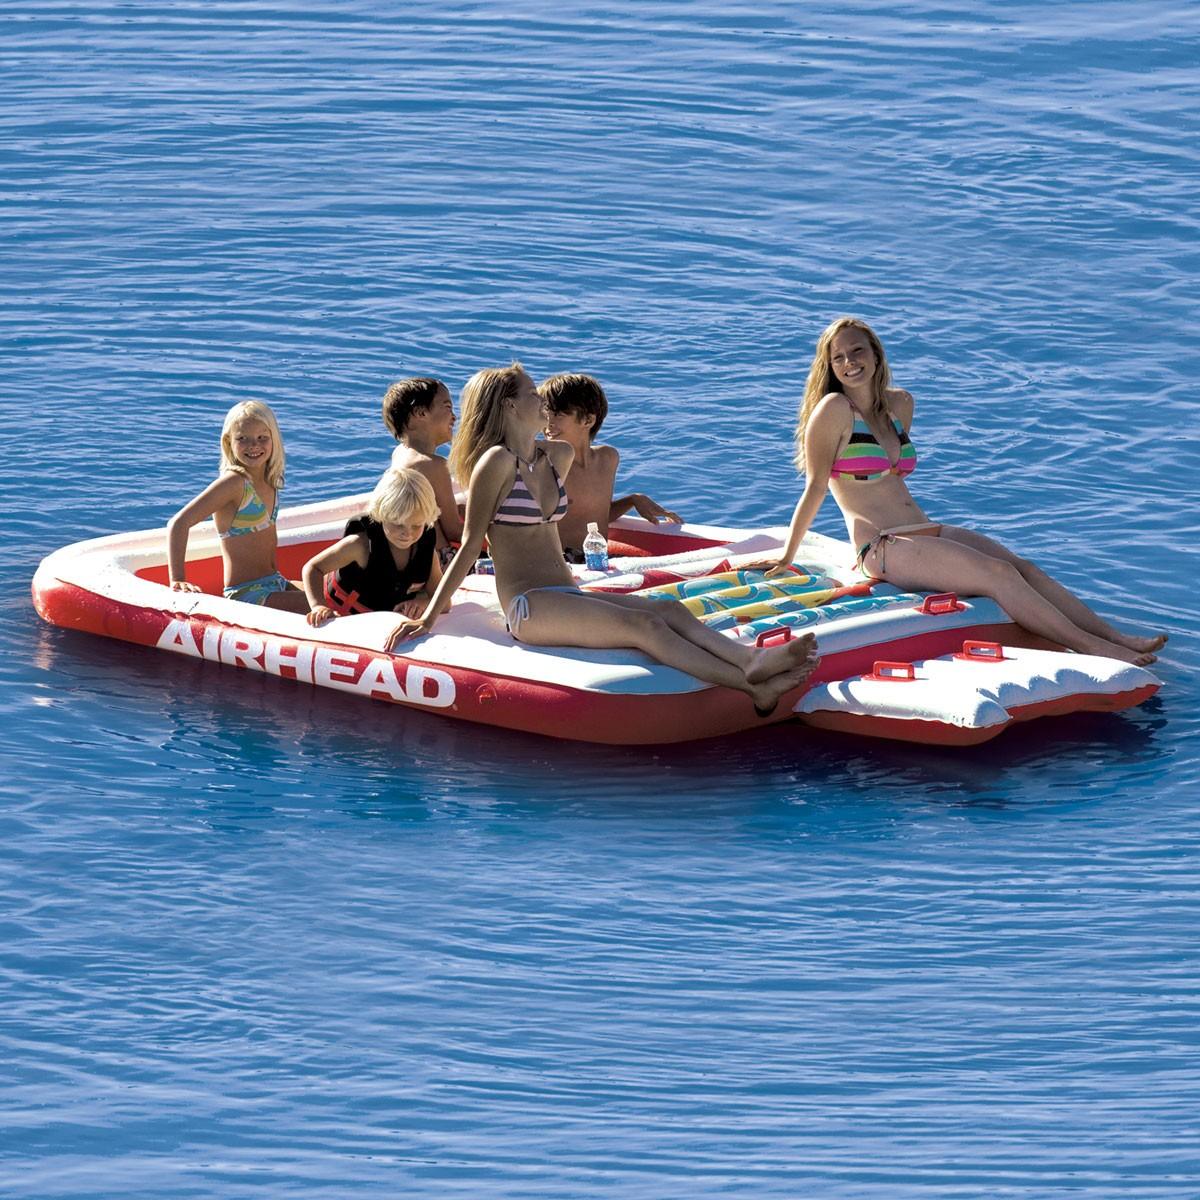 フローティング アクアラウンジ 水上 マット 6人乗り 水遊び 浮輪 水上基地